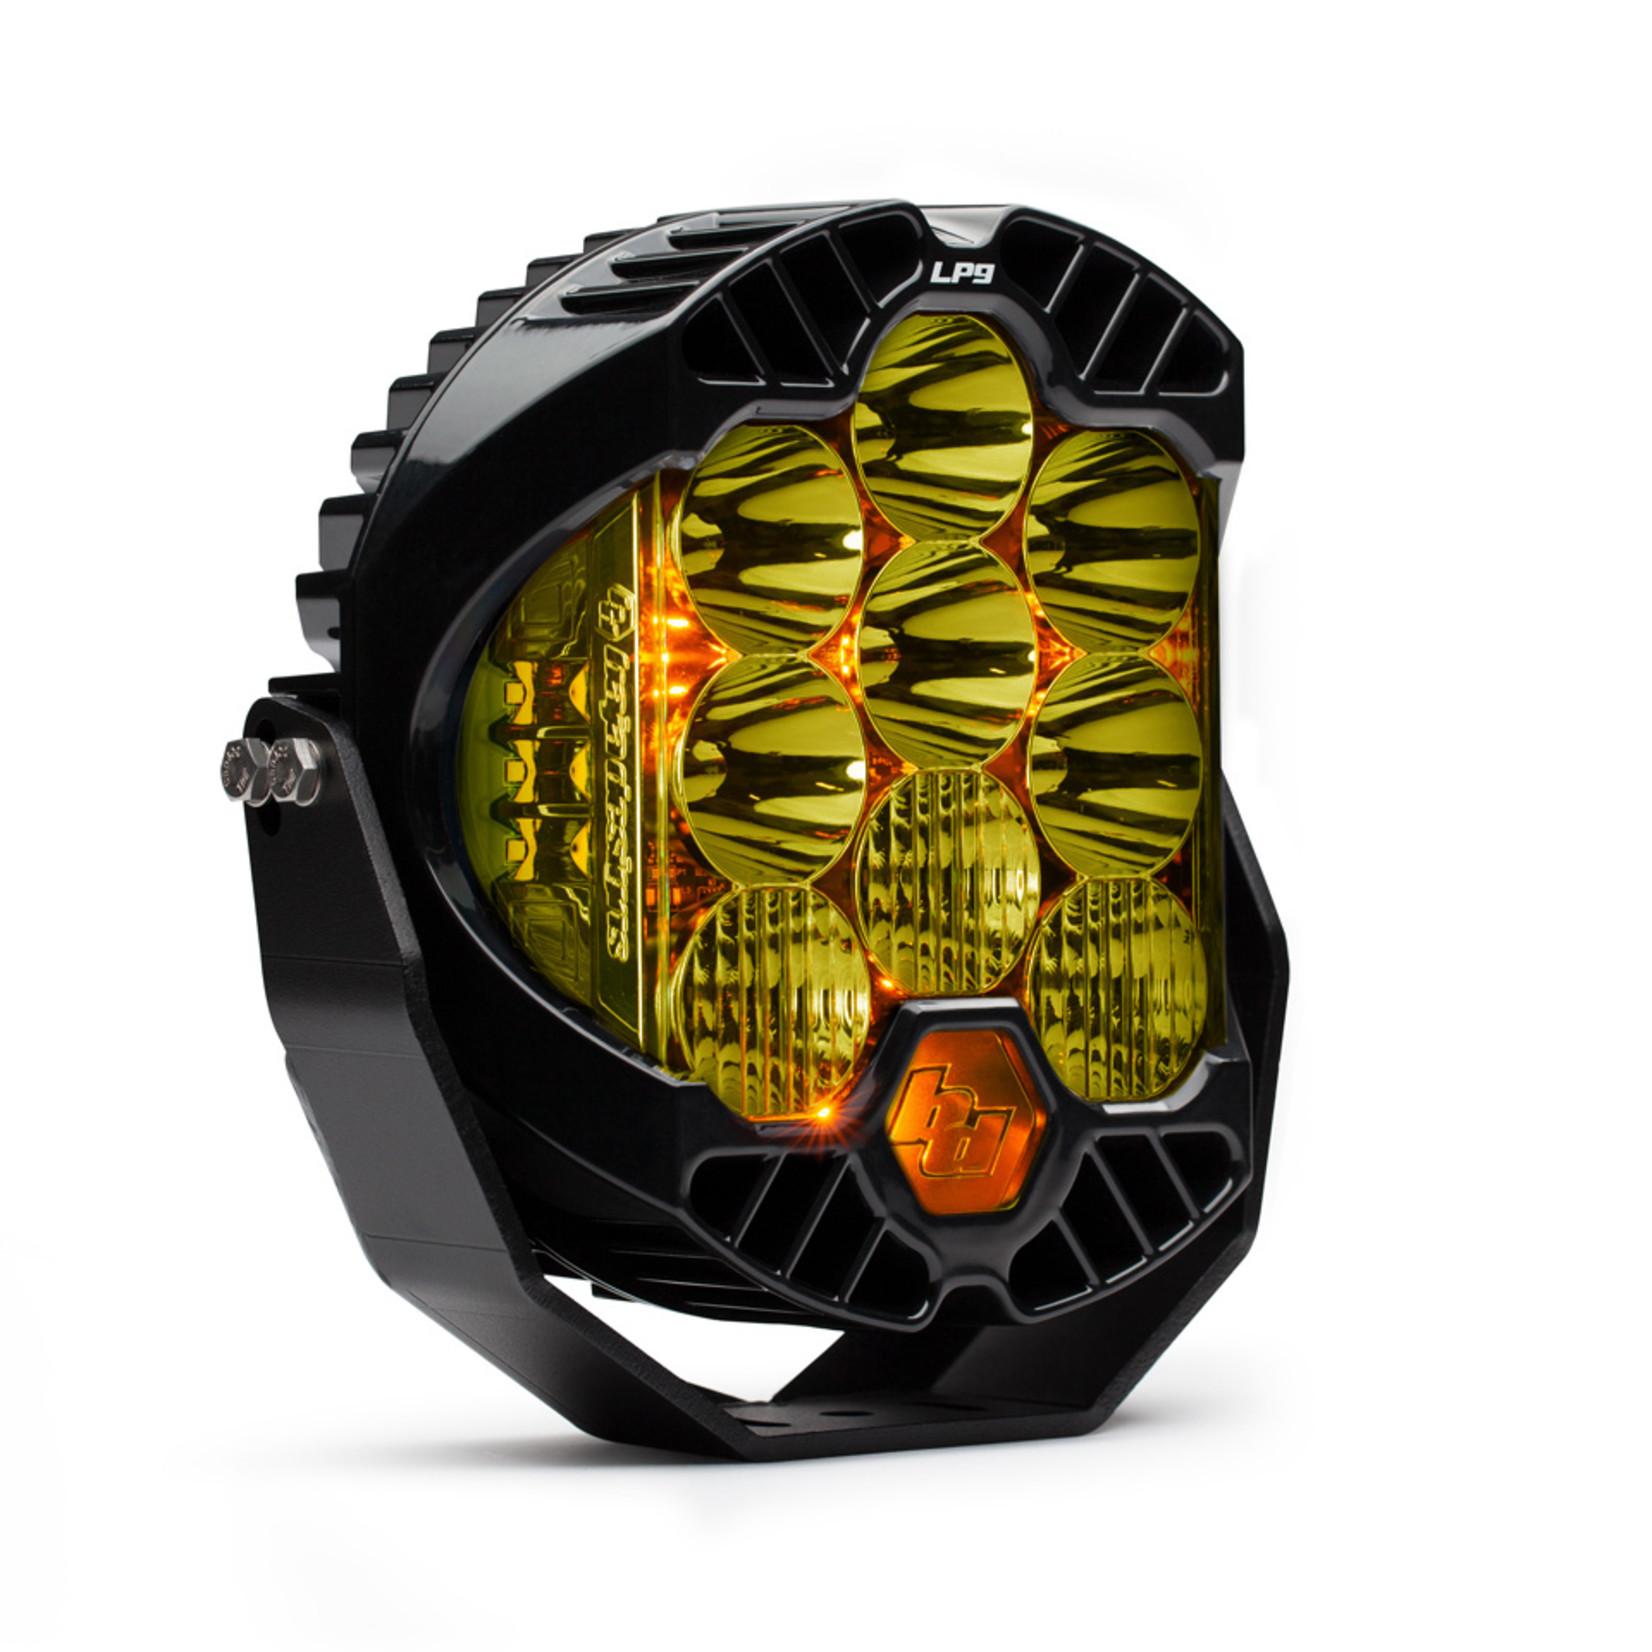 Baja Design LP9 Pro LED Lights